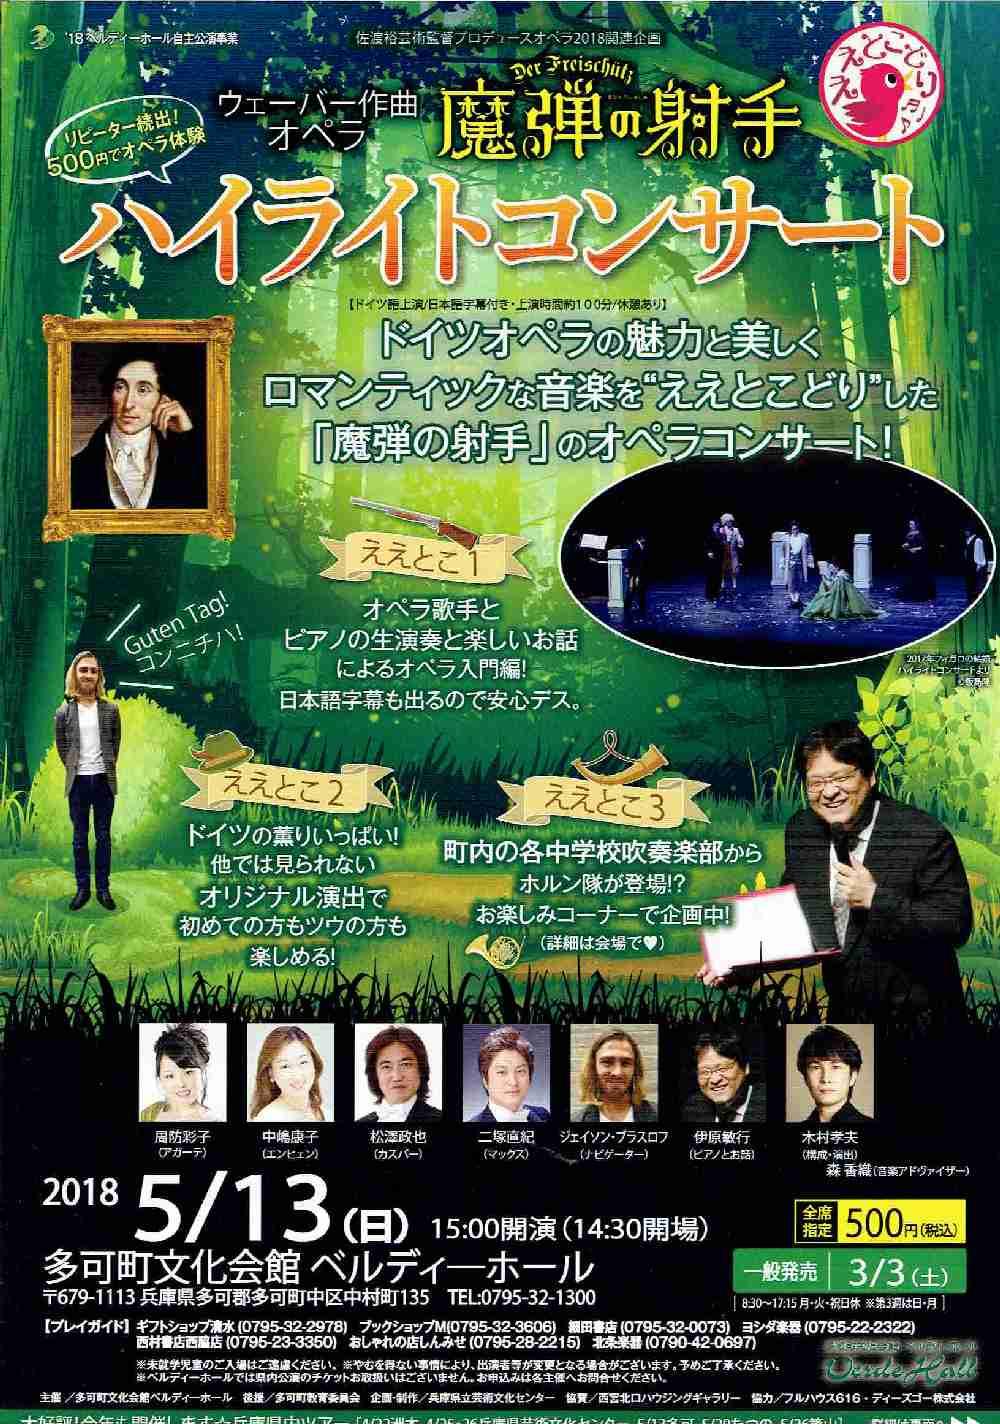 5/13 オペラ魔弾の射手ハイライトコンサート:ベルディーホール